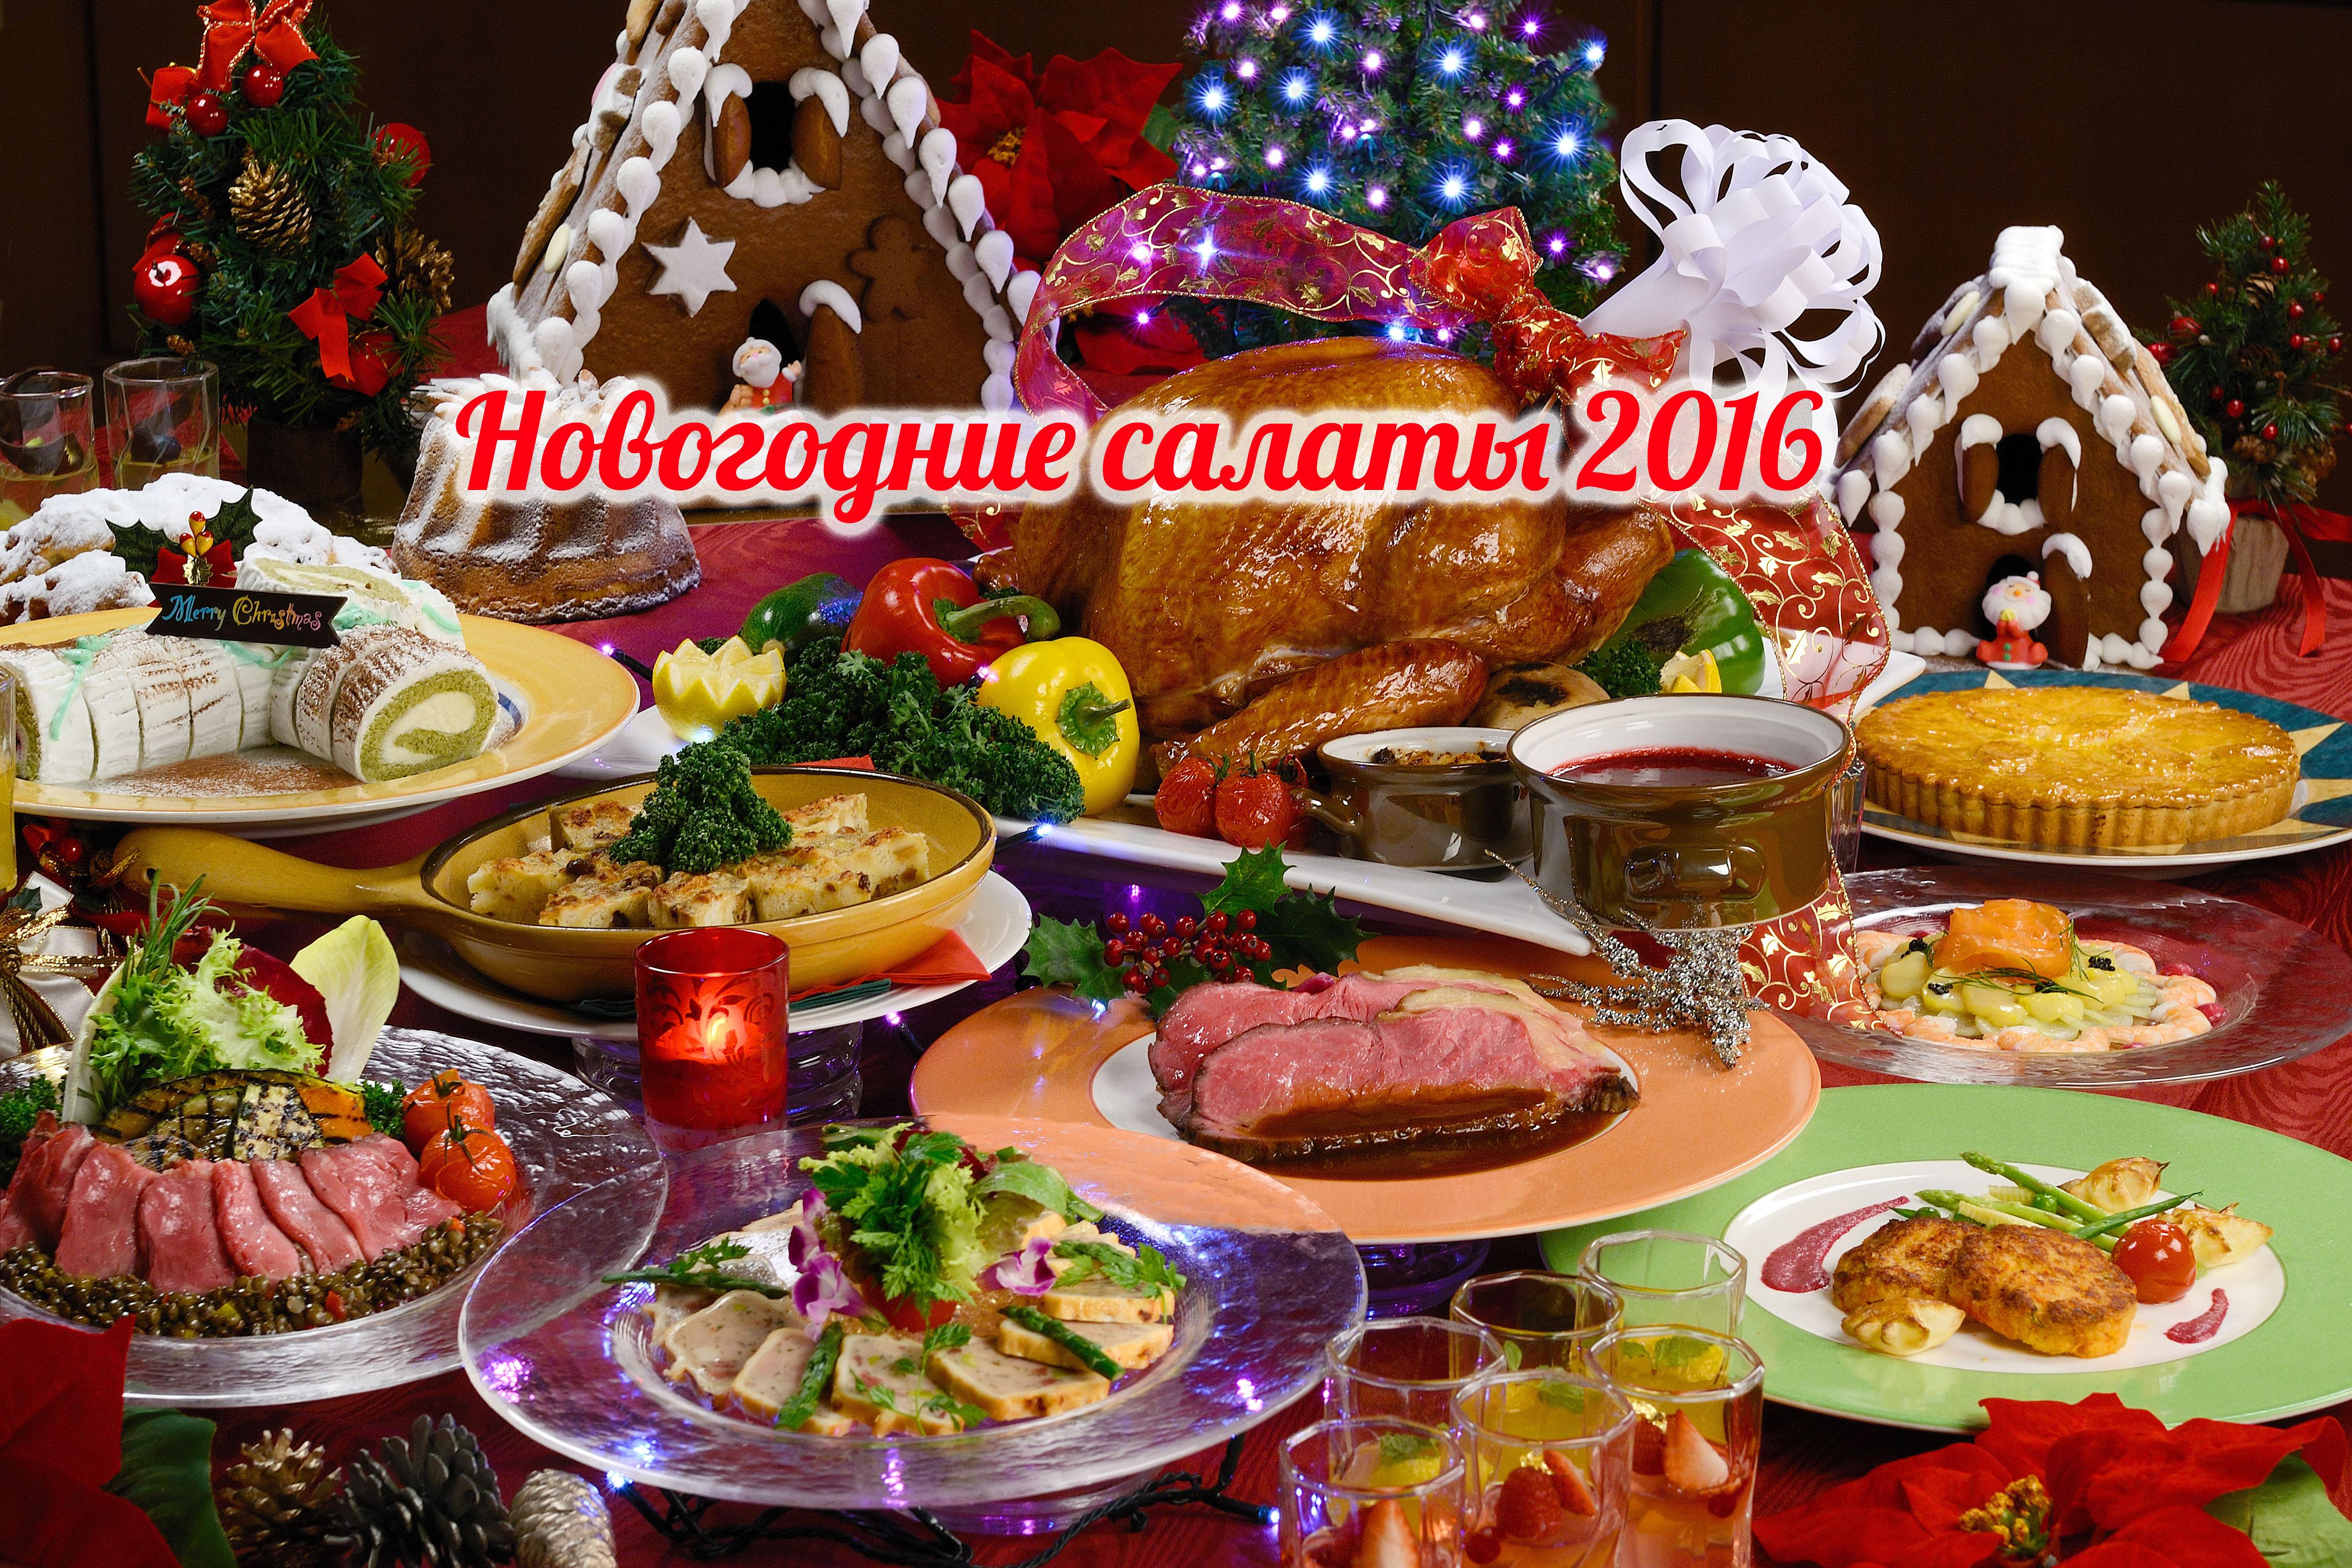 знакомства на новый год 2016